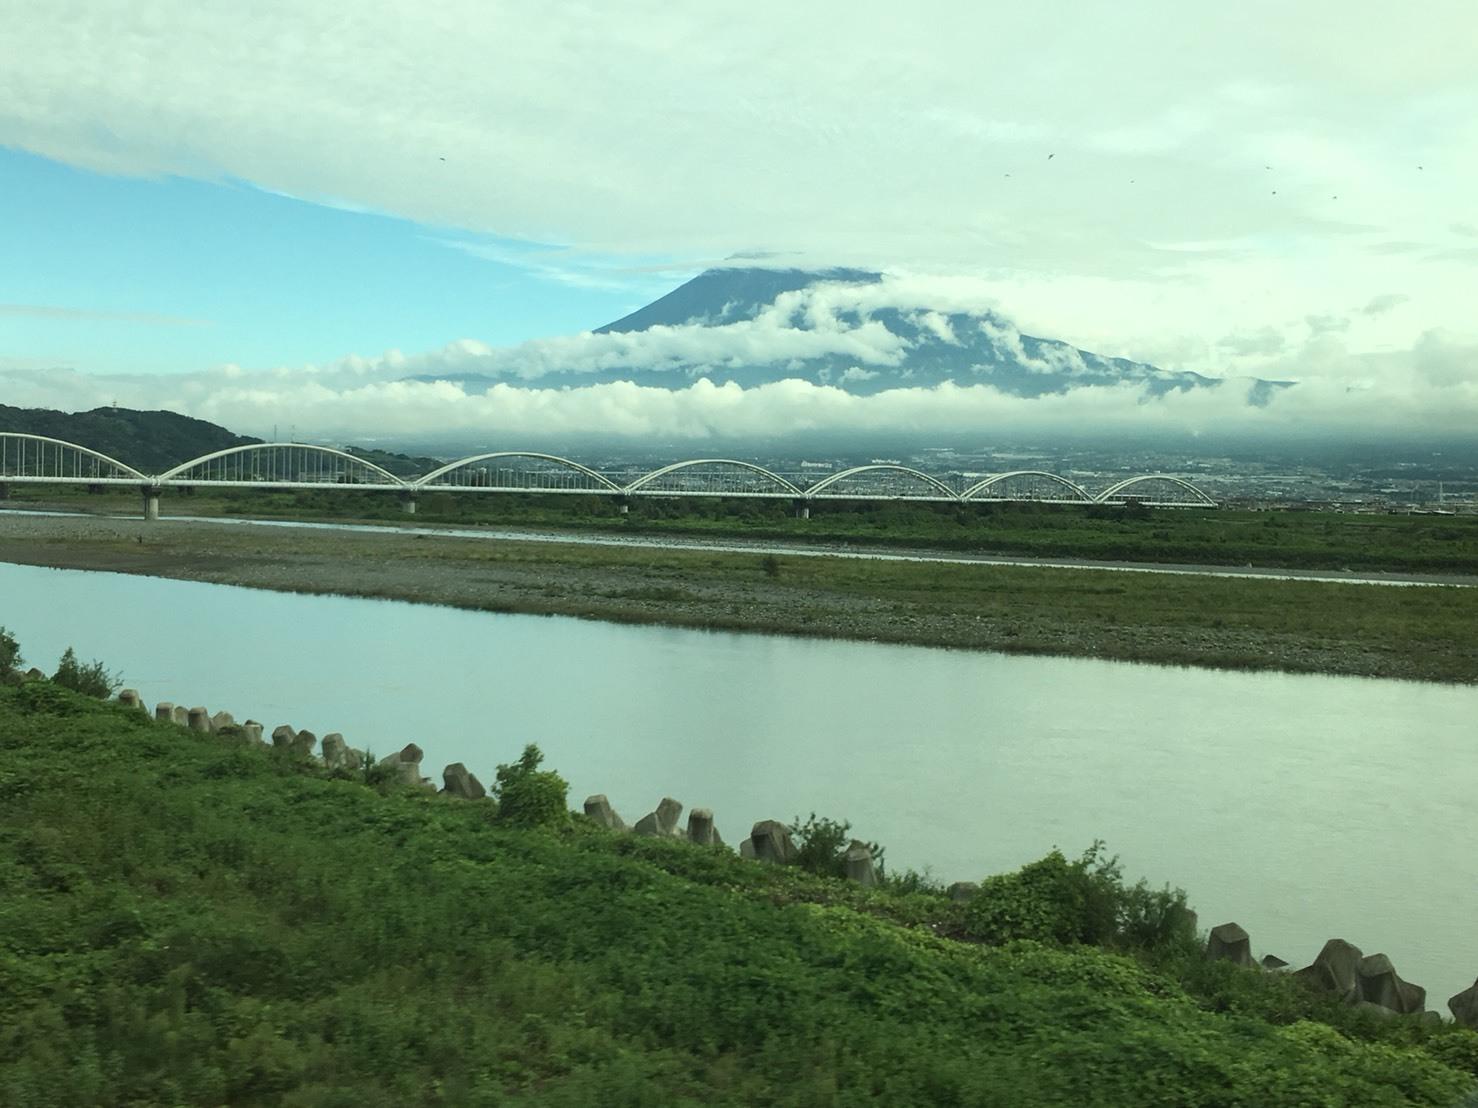 富士山ビューシリーズ  2018/9/26   今朝の新幹線からの富士山_b0011584_12221514.jpg